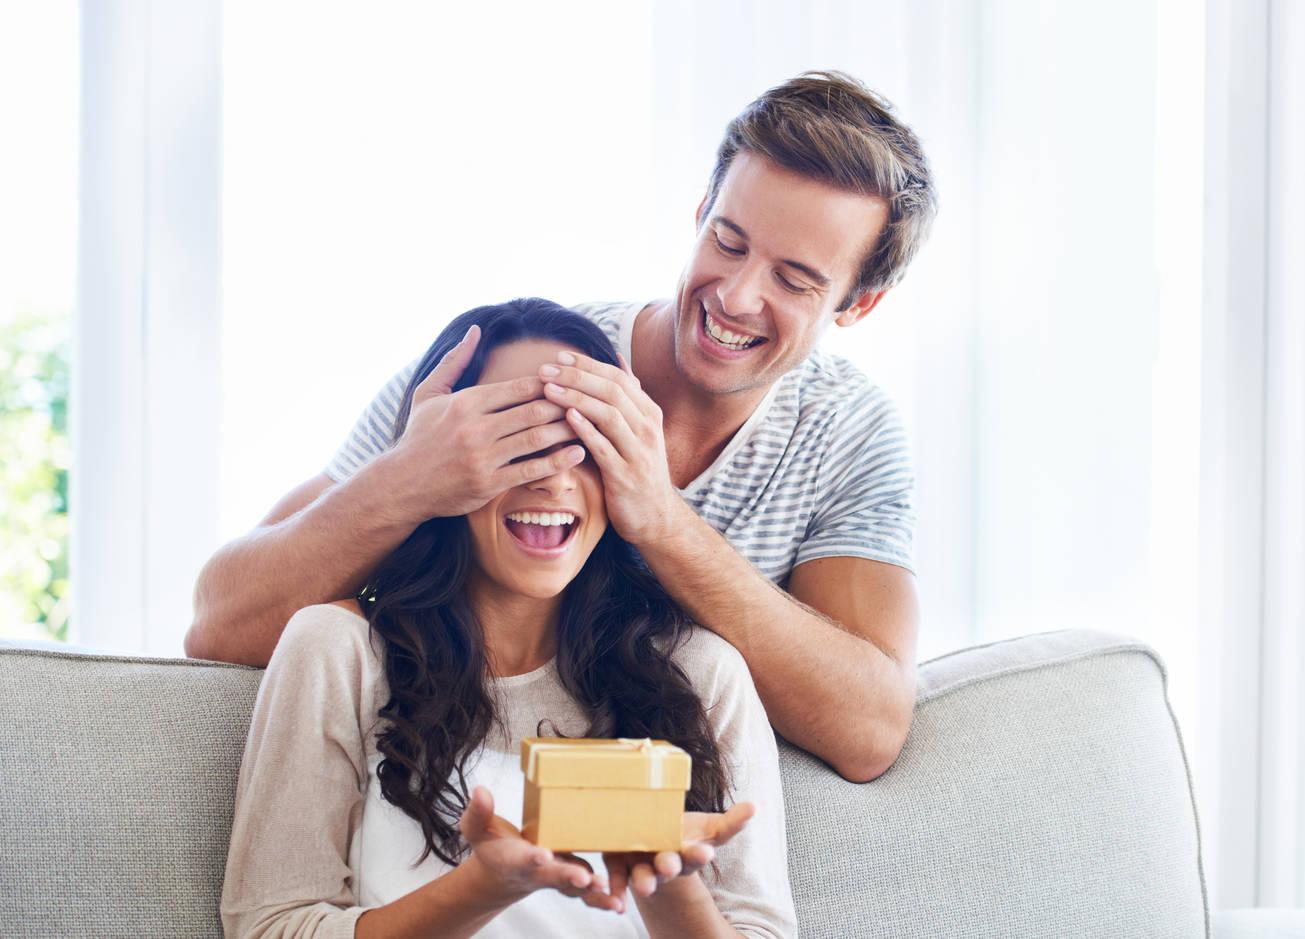 Для девушек практичных: 5 полезных подарков на 8 марта